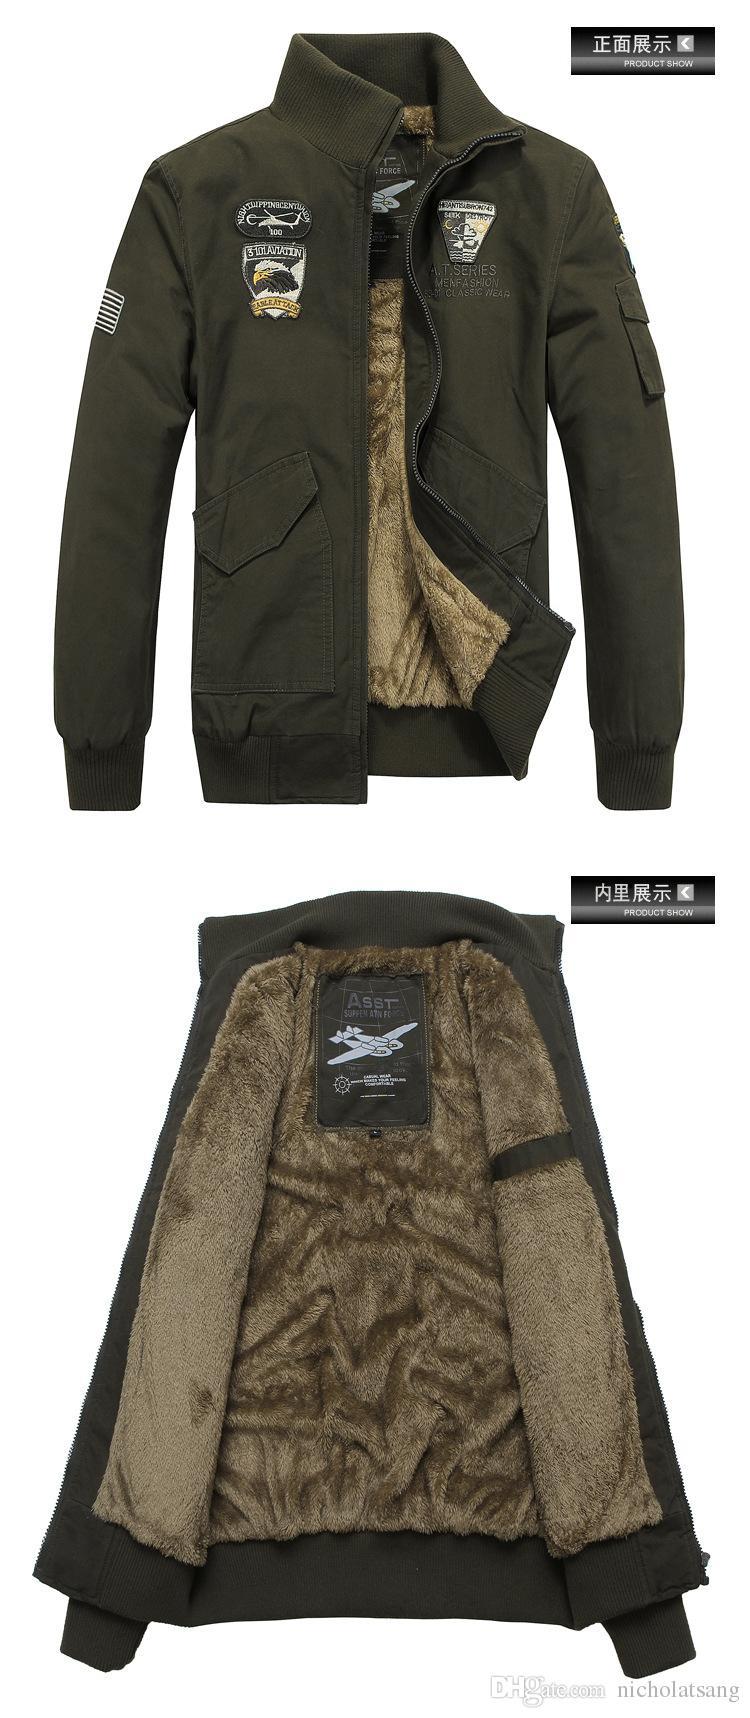 2016 alta calidad para hombre ejército soldado chaqueta lavadora algodón aire de la fuerza aérea 101 chaqueta piloto de aire masculino mas masculino talla grande invierno táctico bomber abrigos